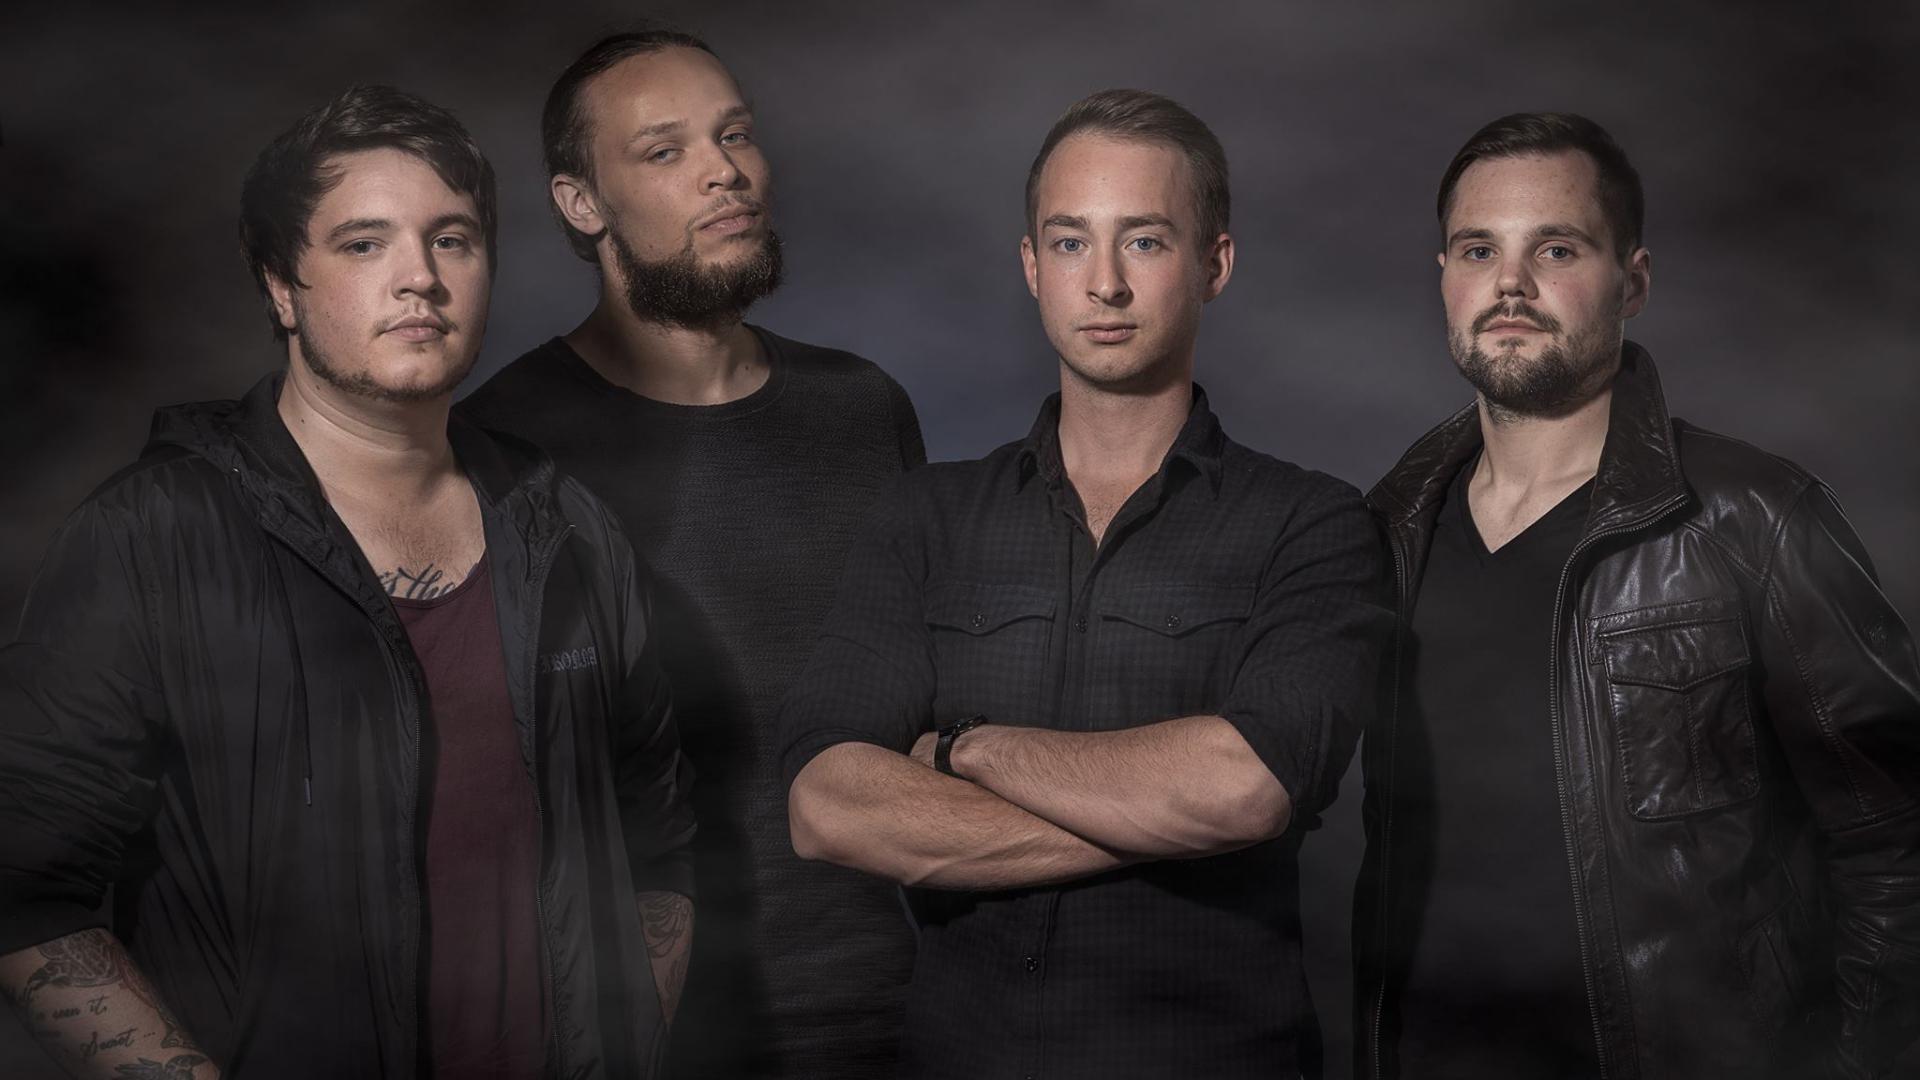 Snoubound, una banda de metalcore proveniente de Ketsch (Alemania) en Sábado Internacional de Tropical Punk Records